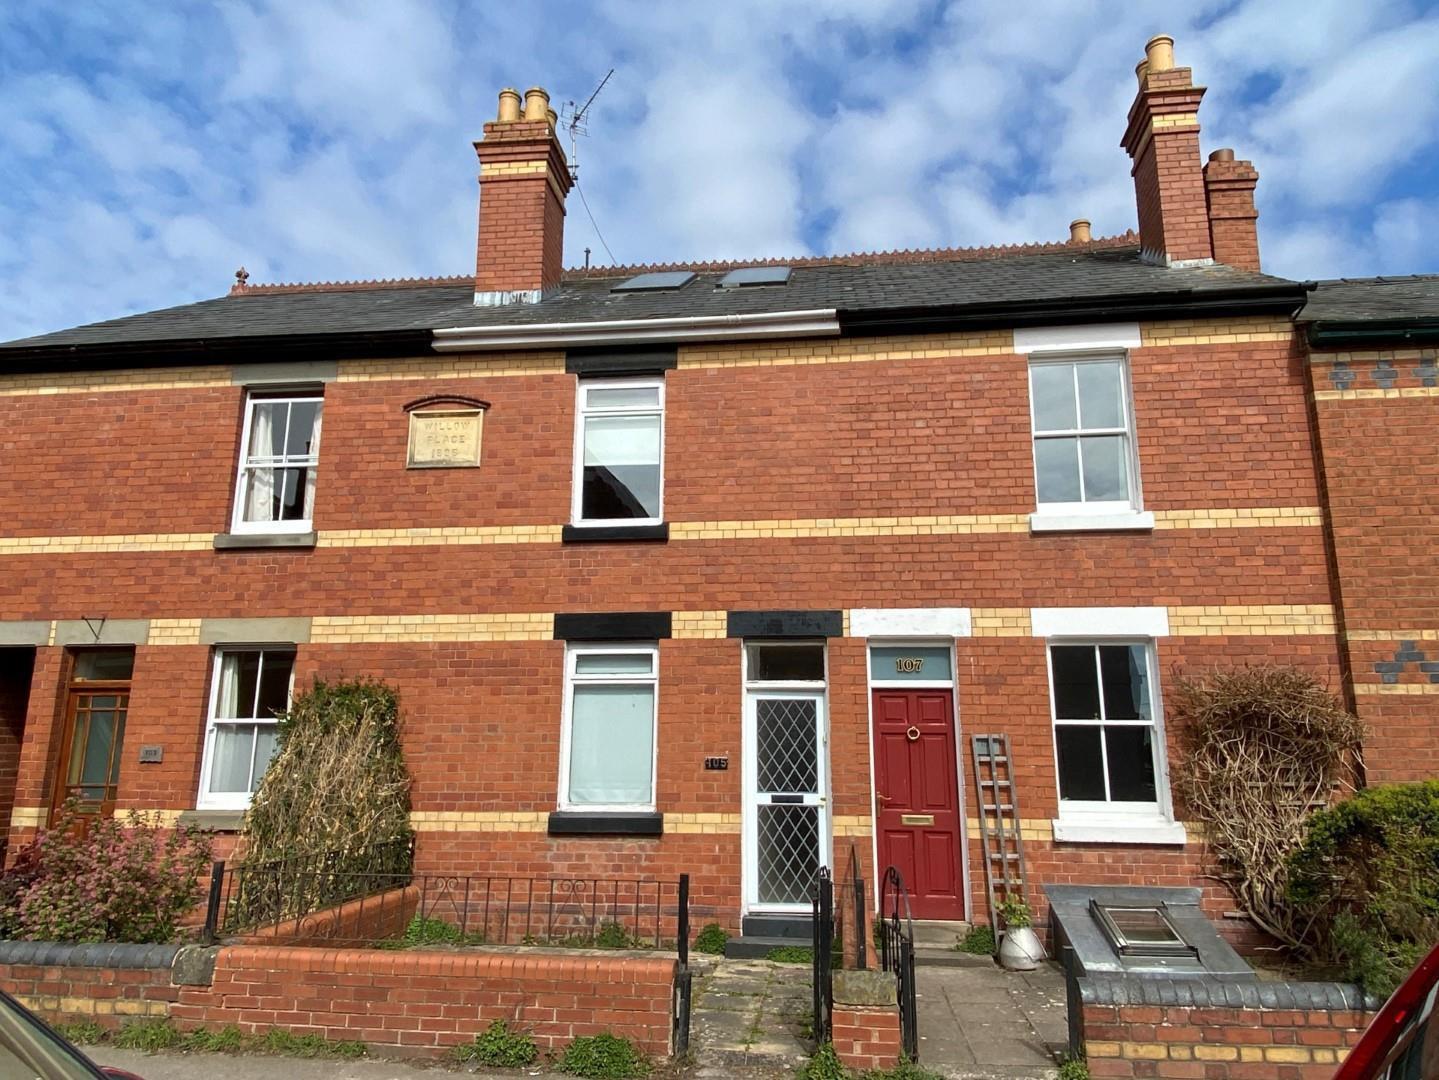 105 Park Street, St James, Hereford